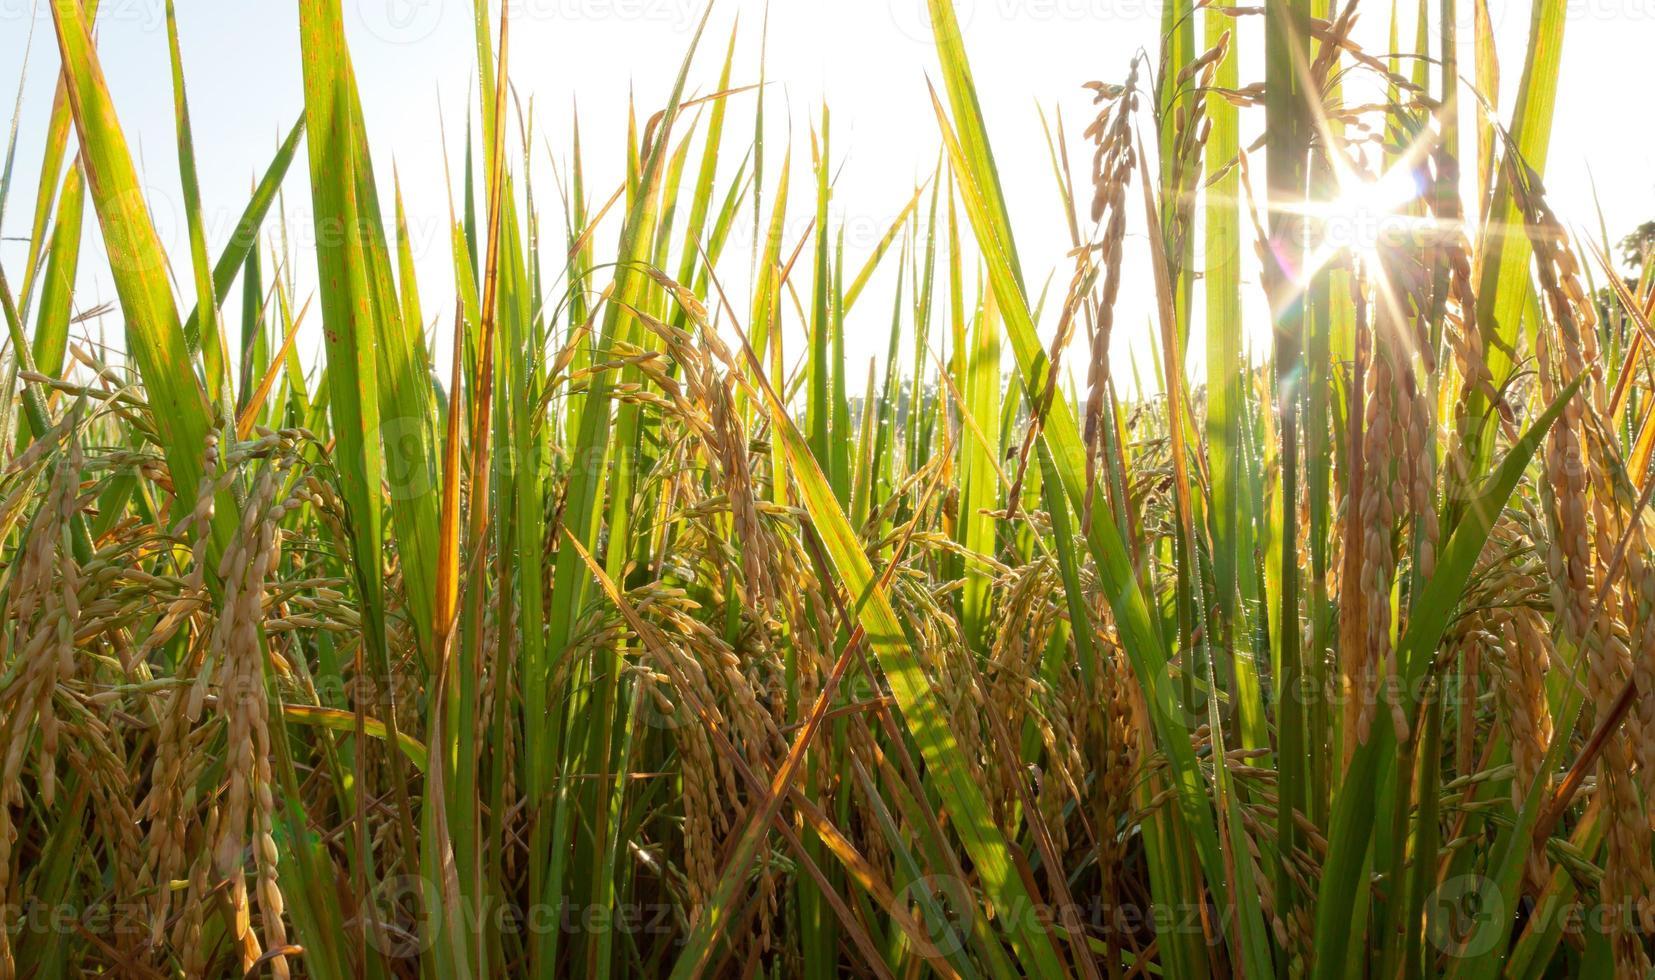 día soleado en el campo de arroz foto